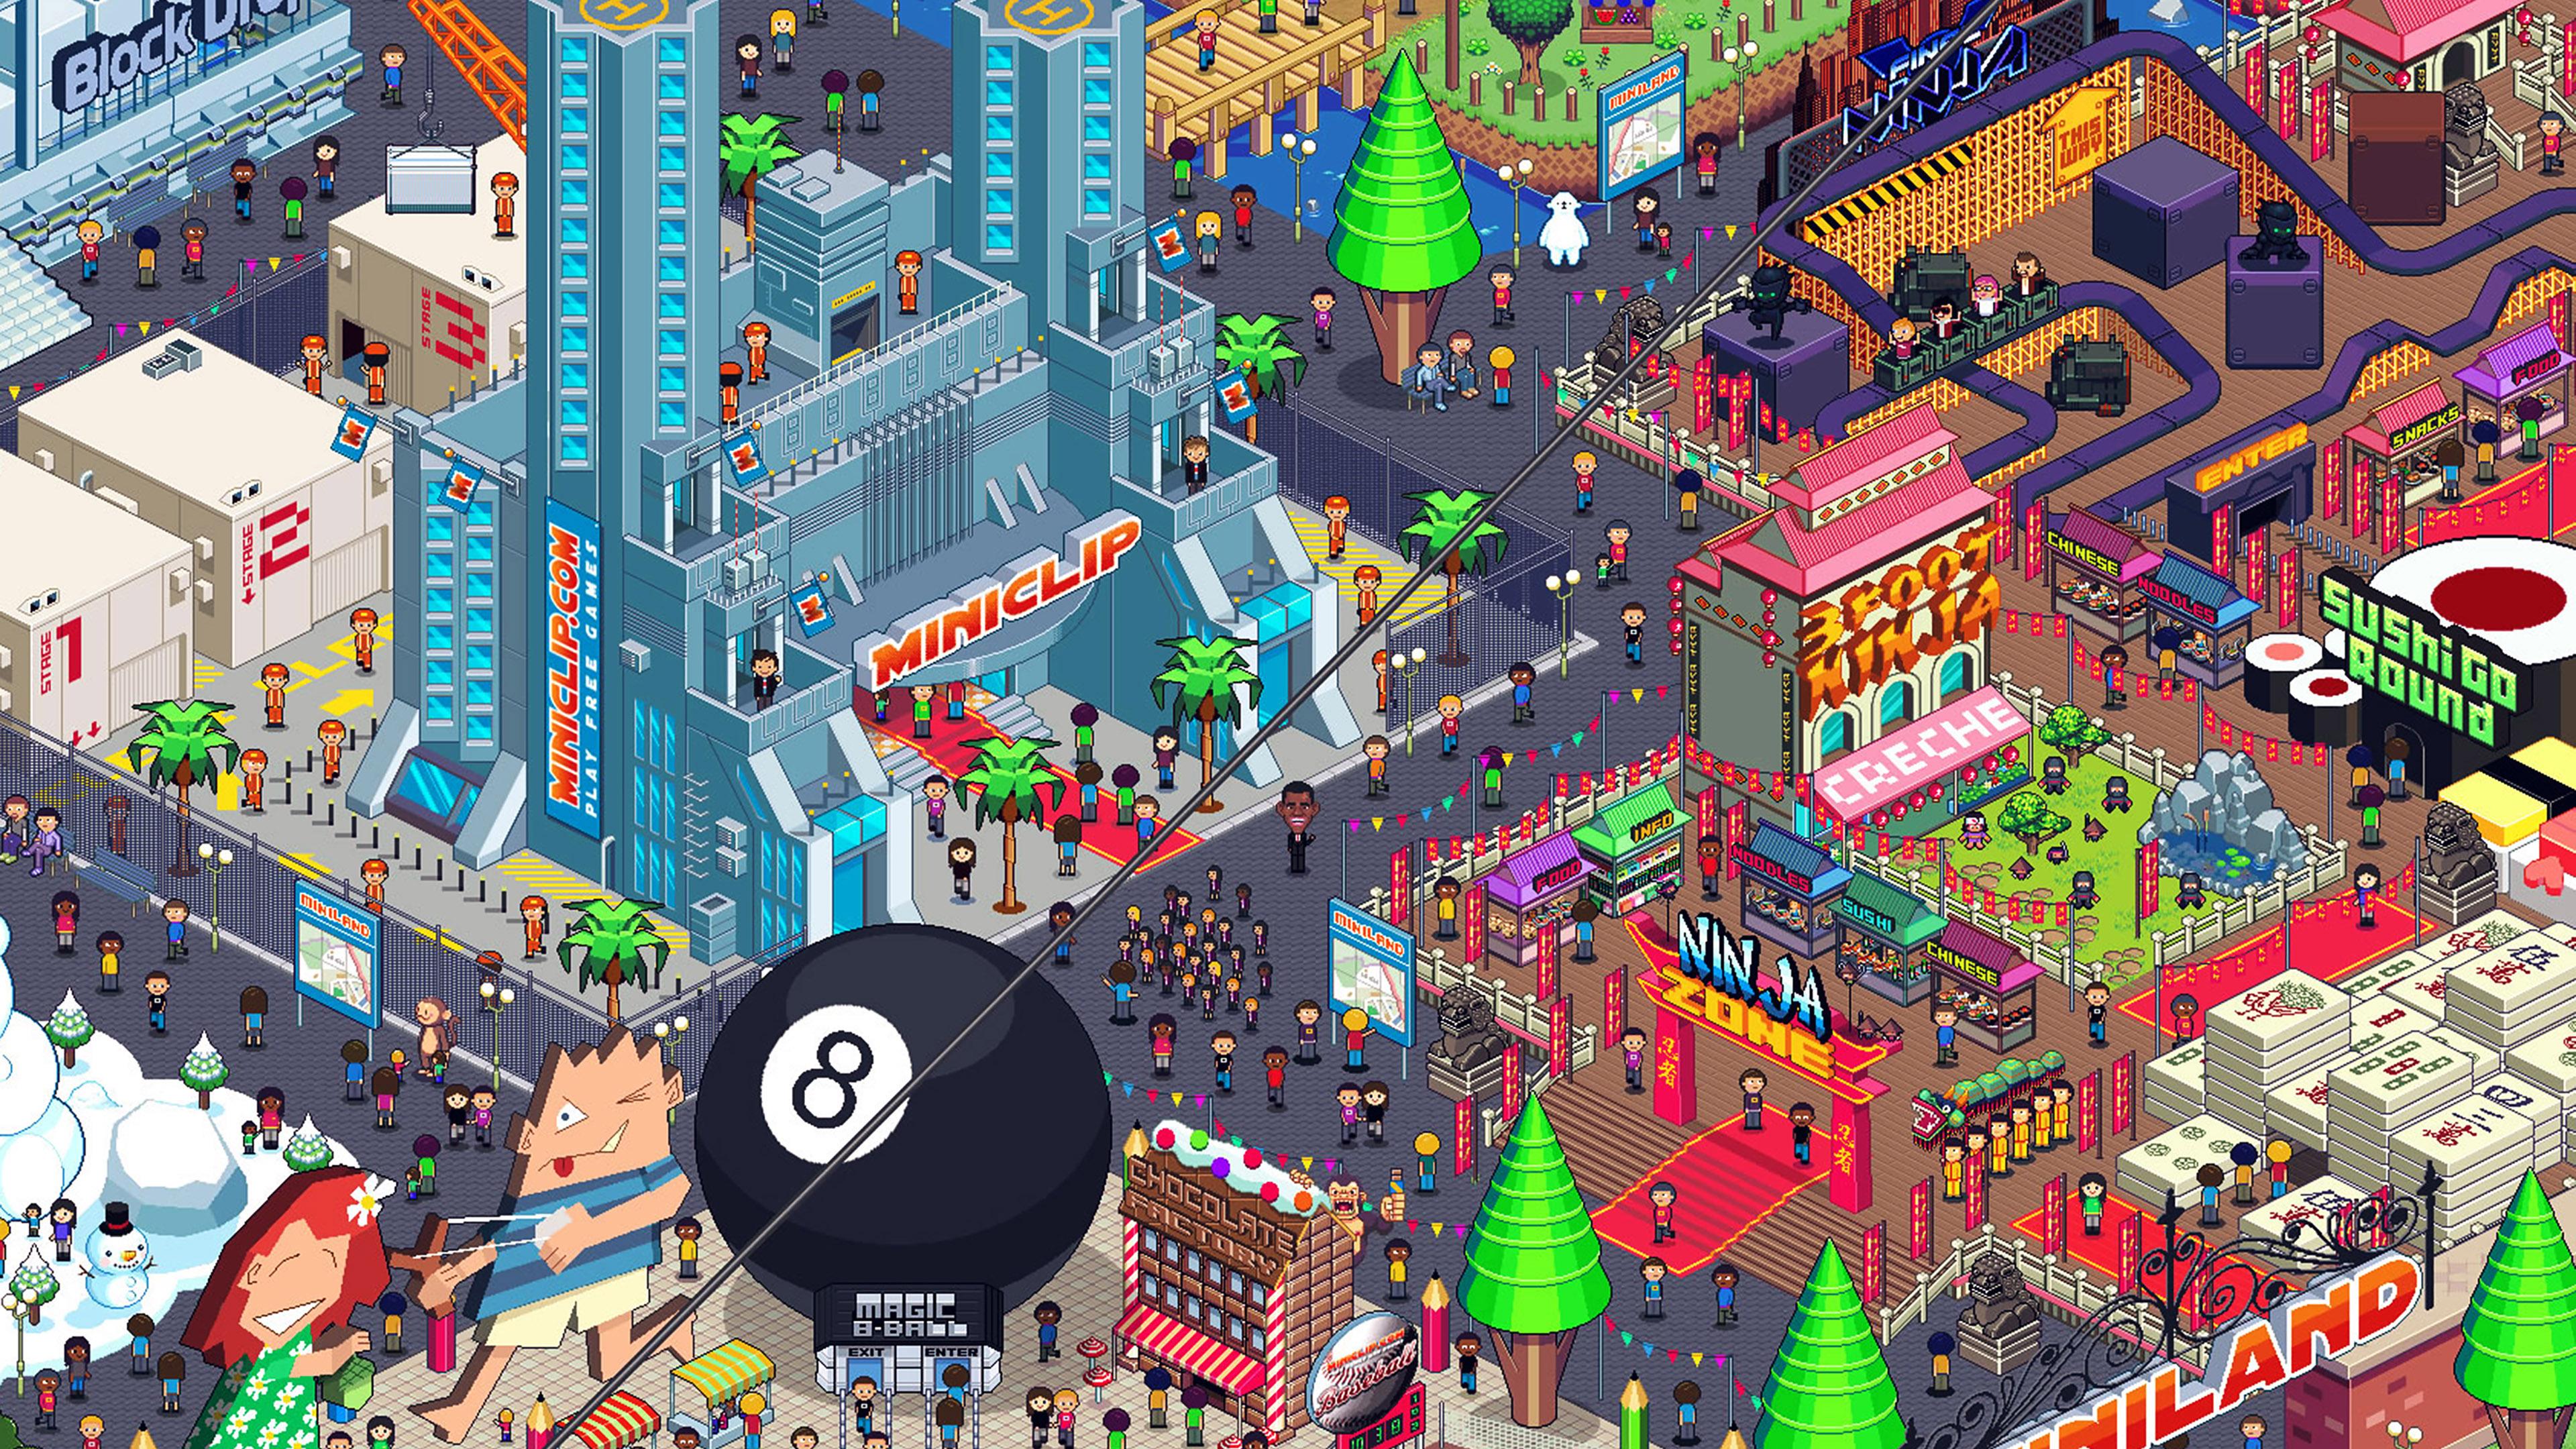 Aj26 Pixel Art City By Army Of Trolls Wallpaper